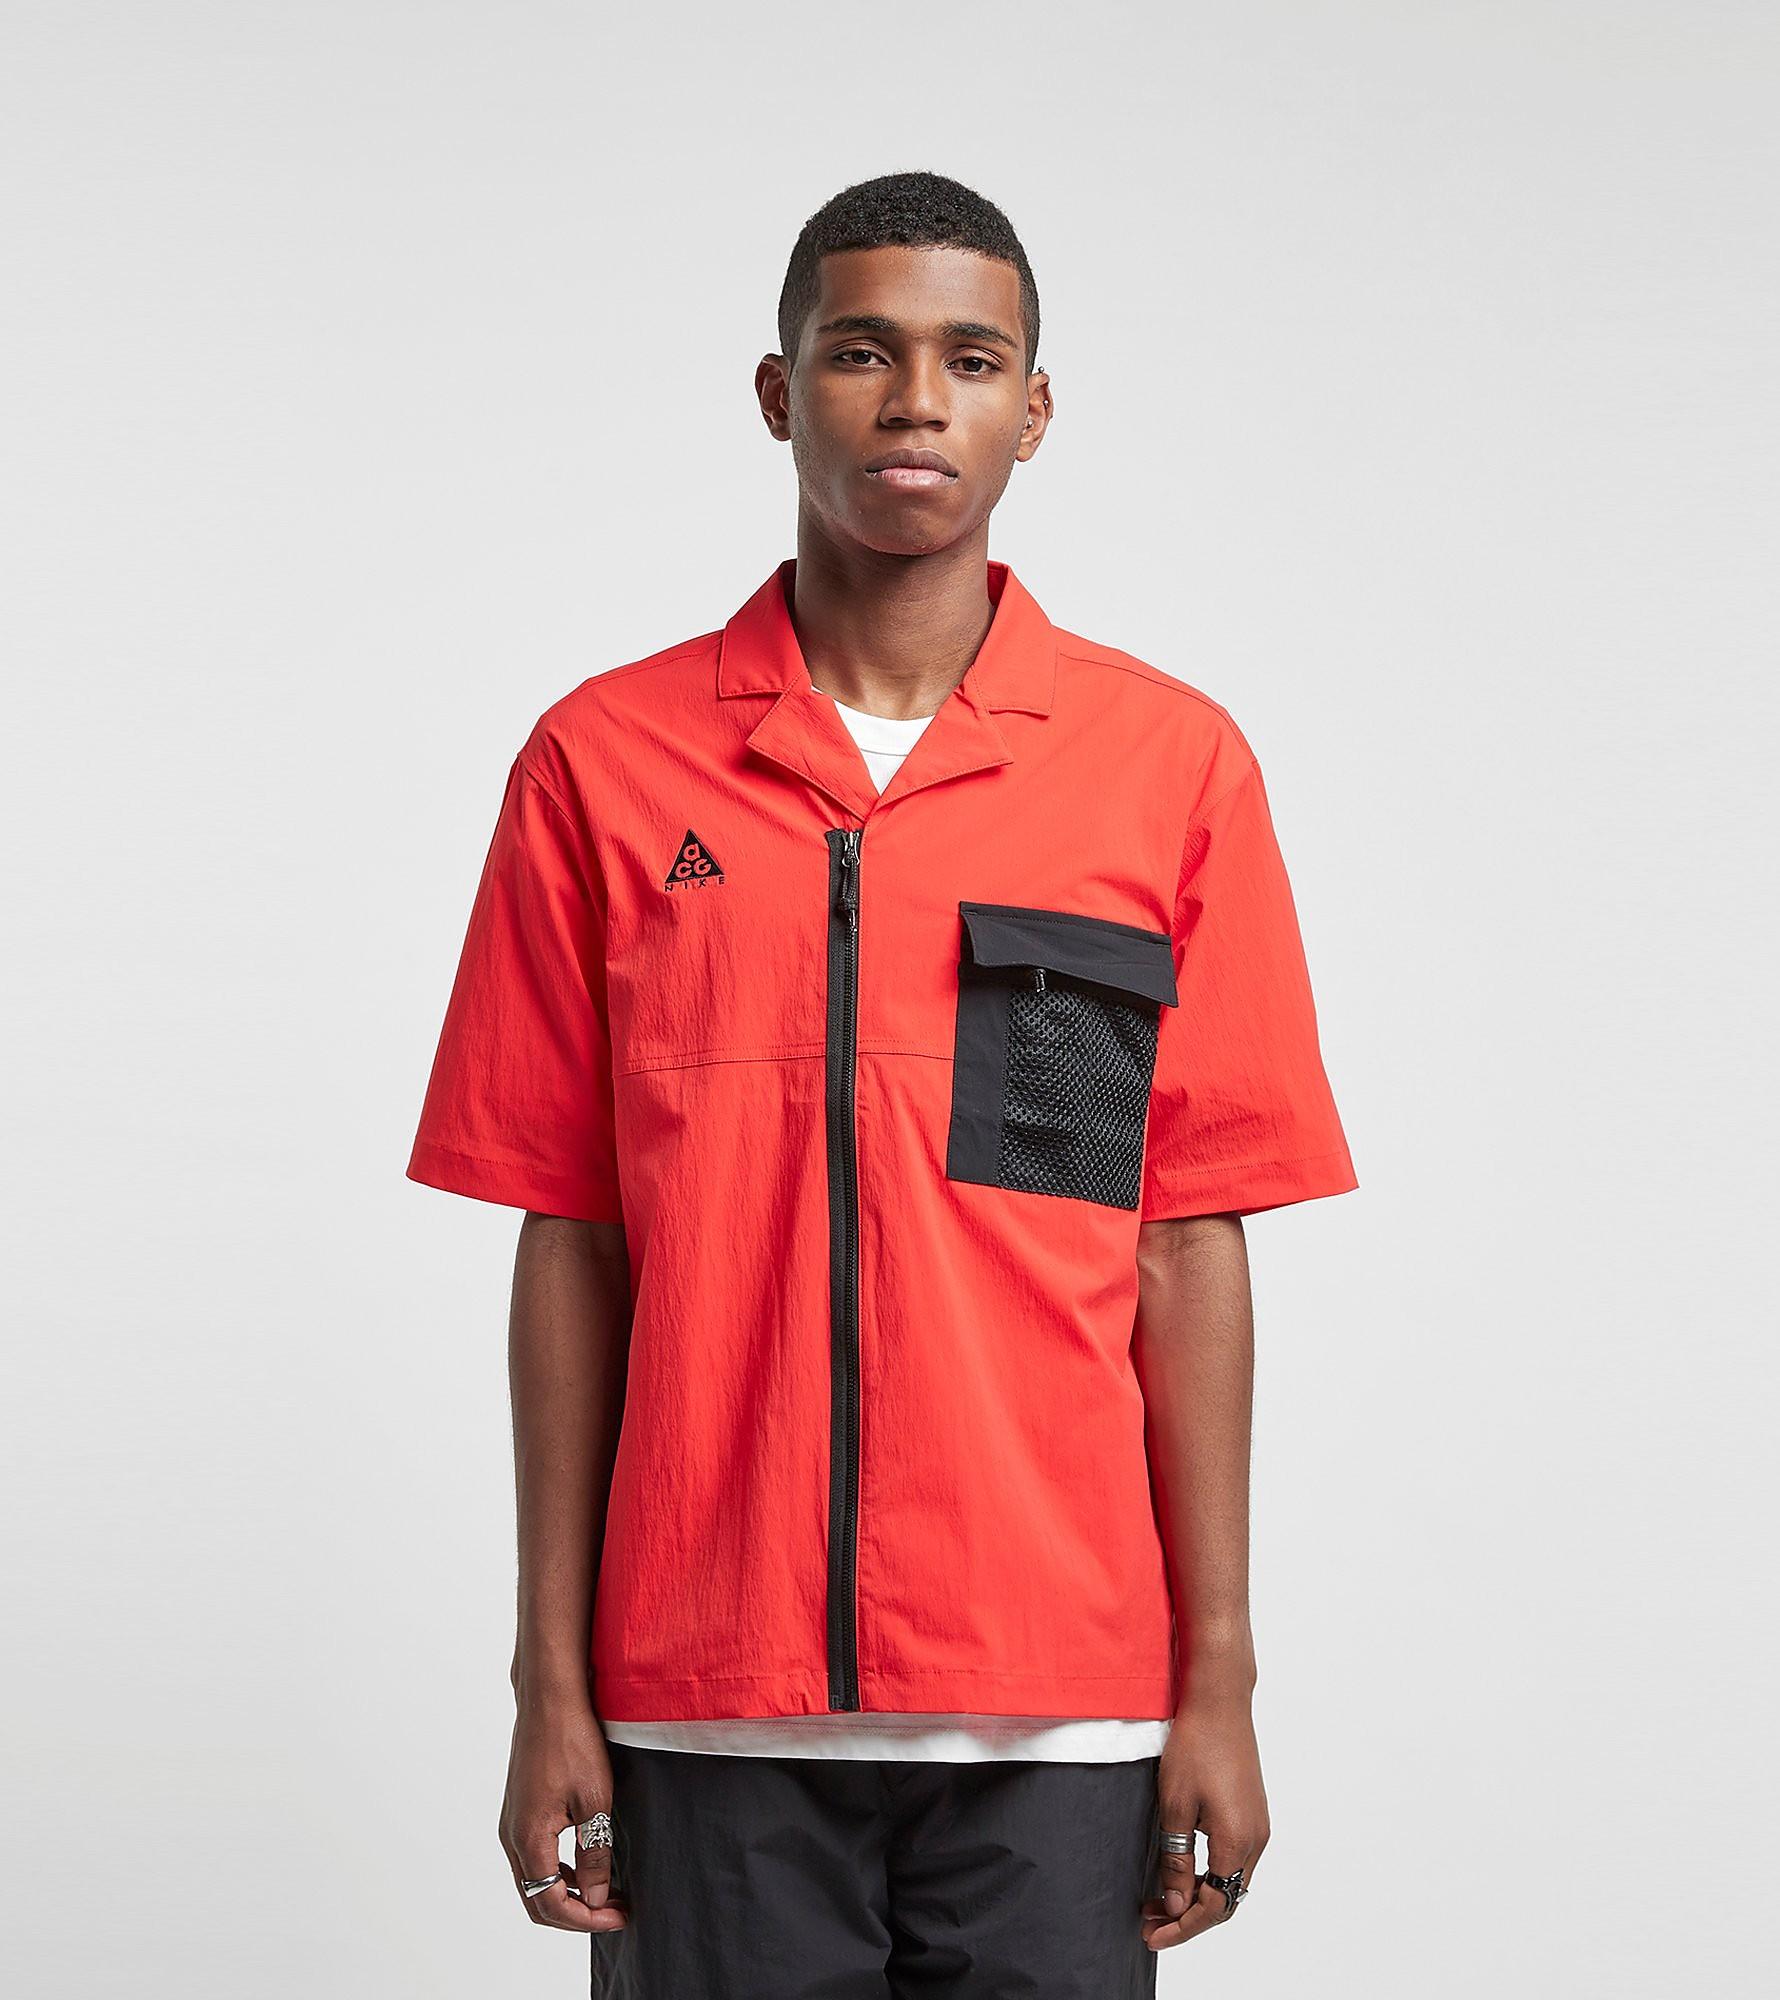 Nike Chemise ACG, Rouge